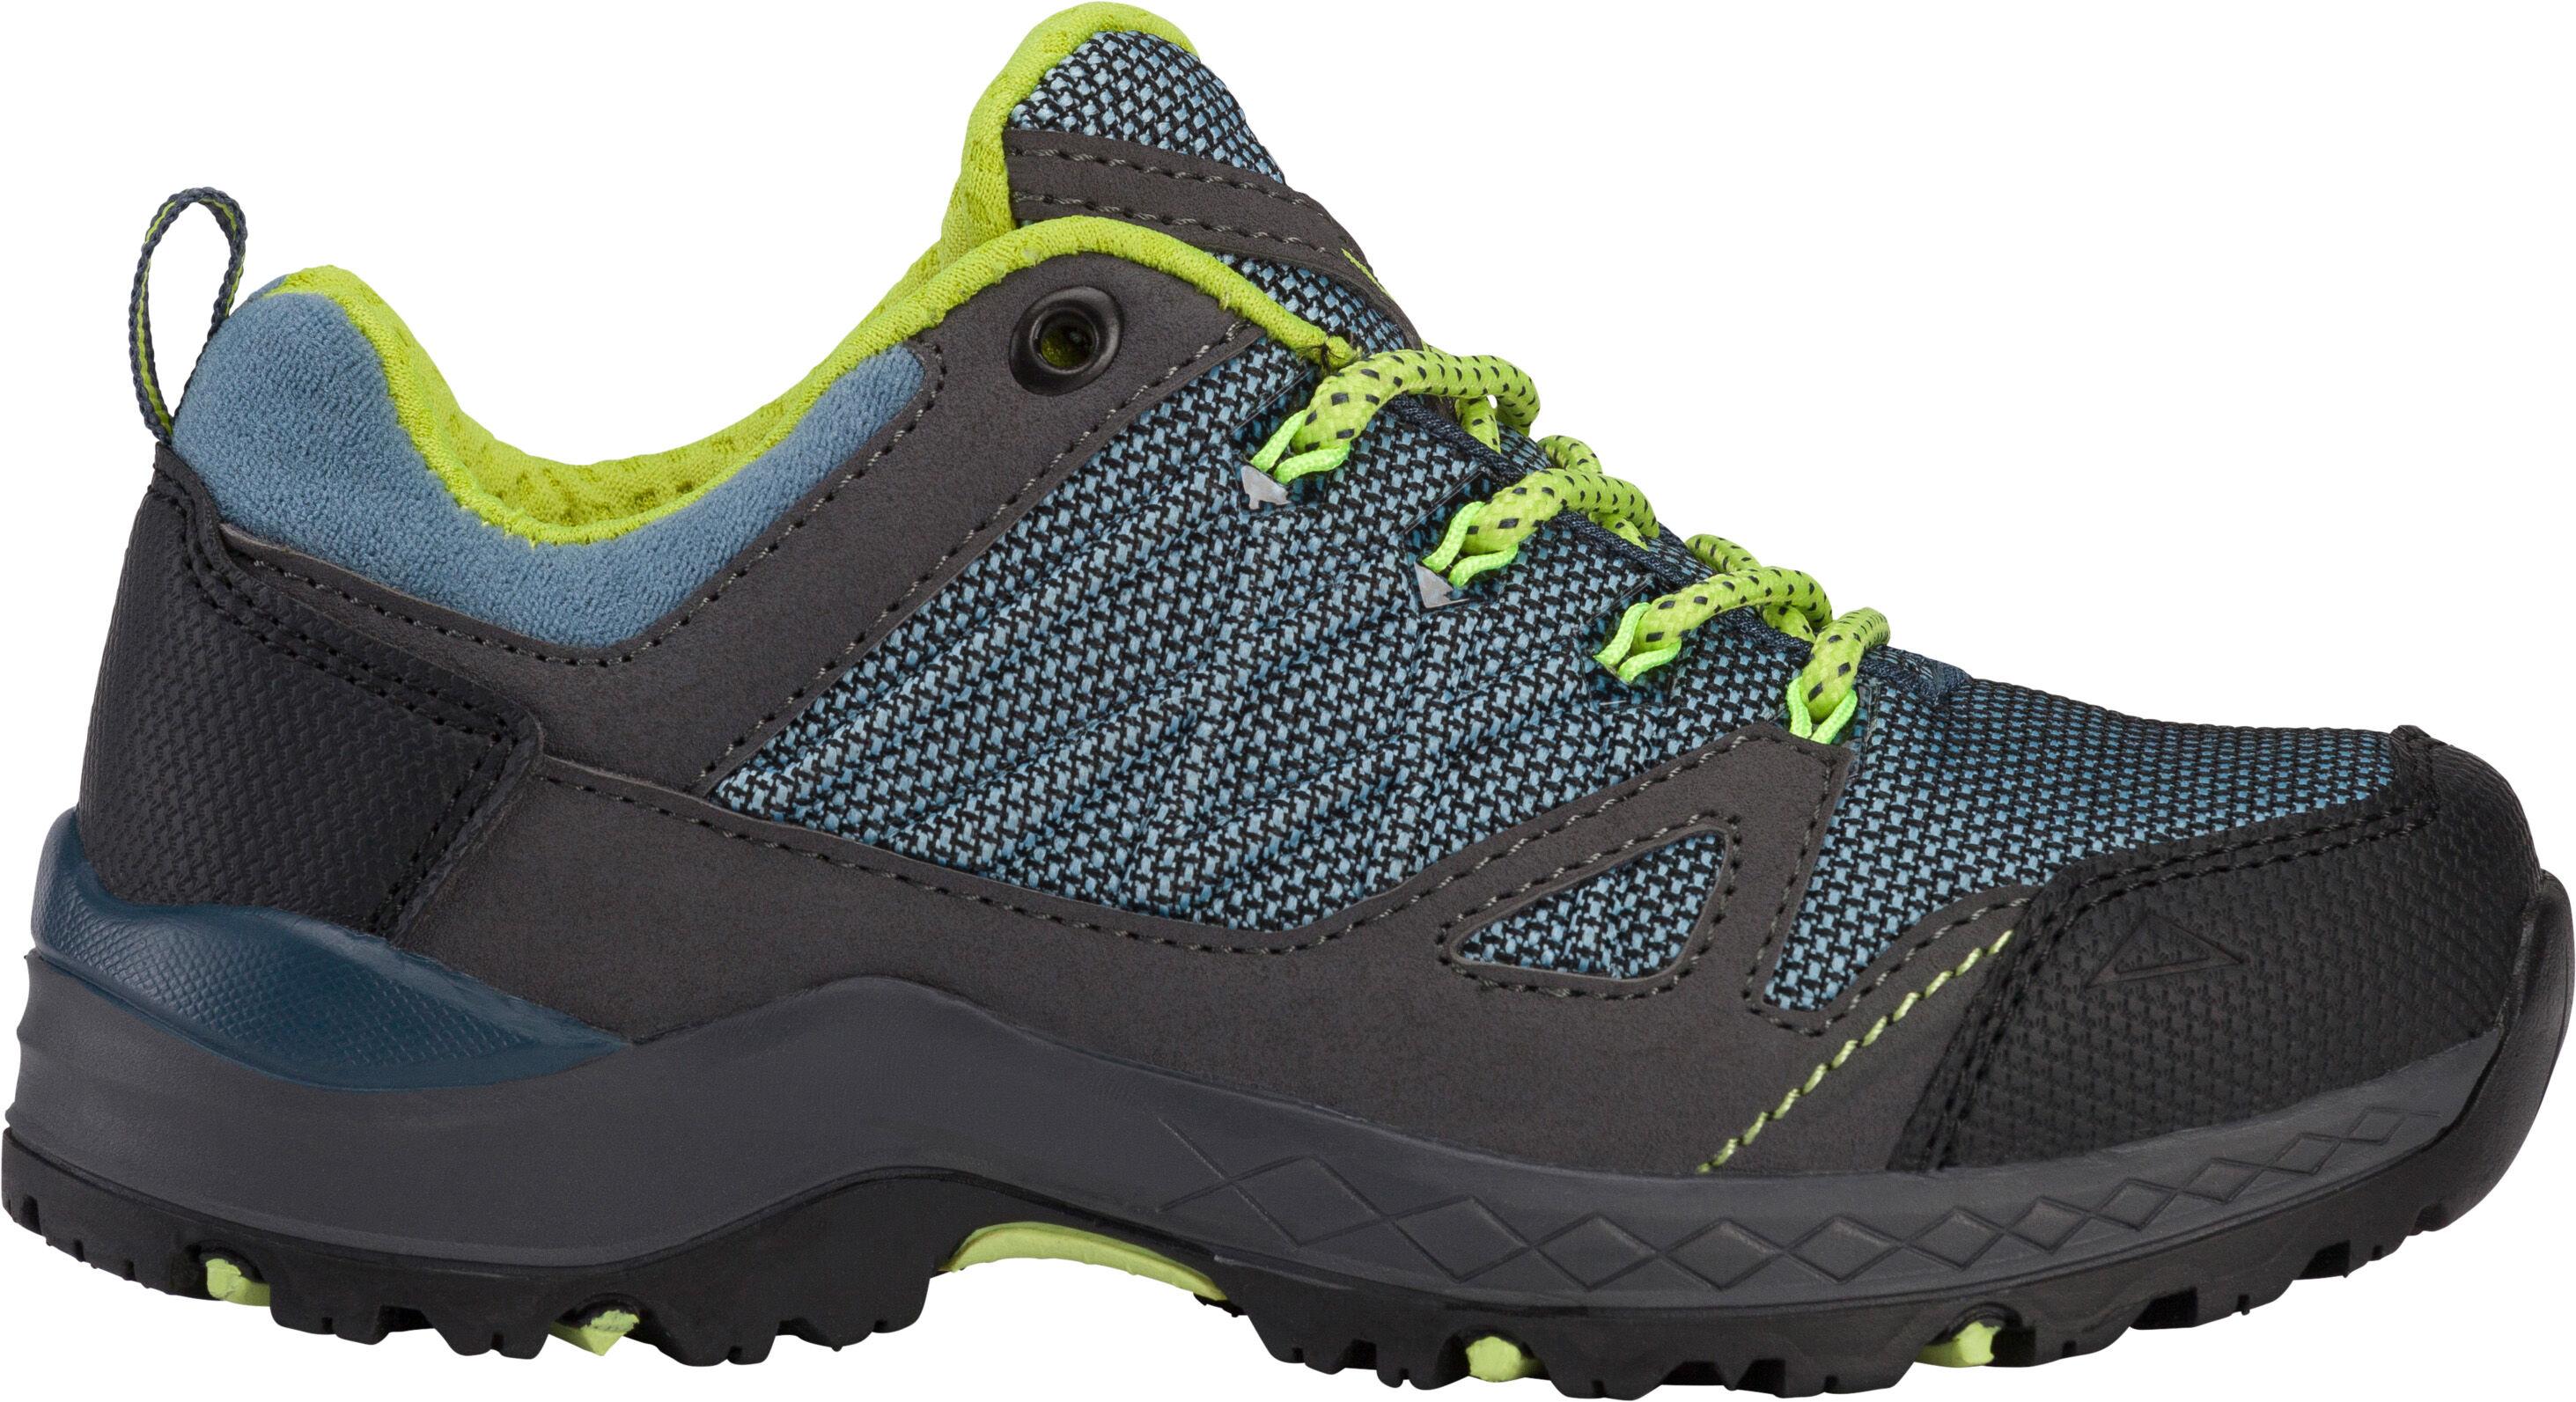 Adidas 33 32 Sportschuhe Outdoorschuhe Laufschuhe